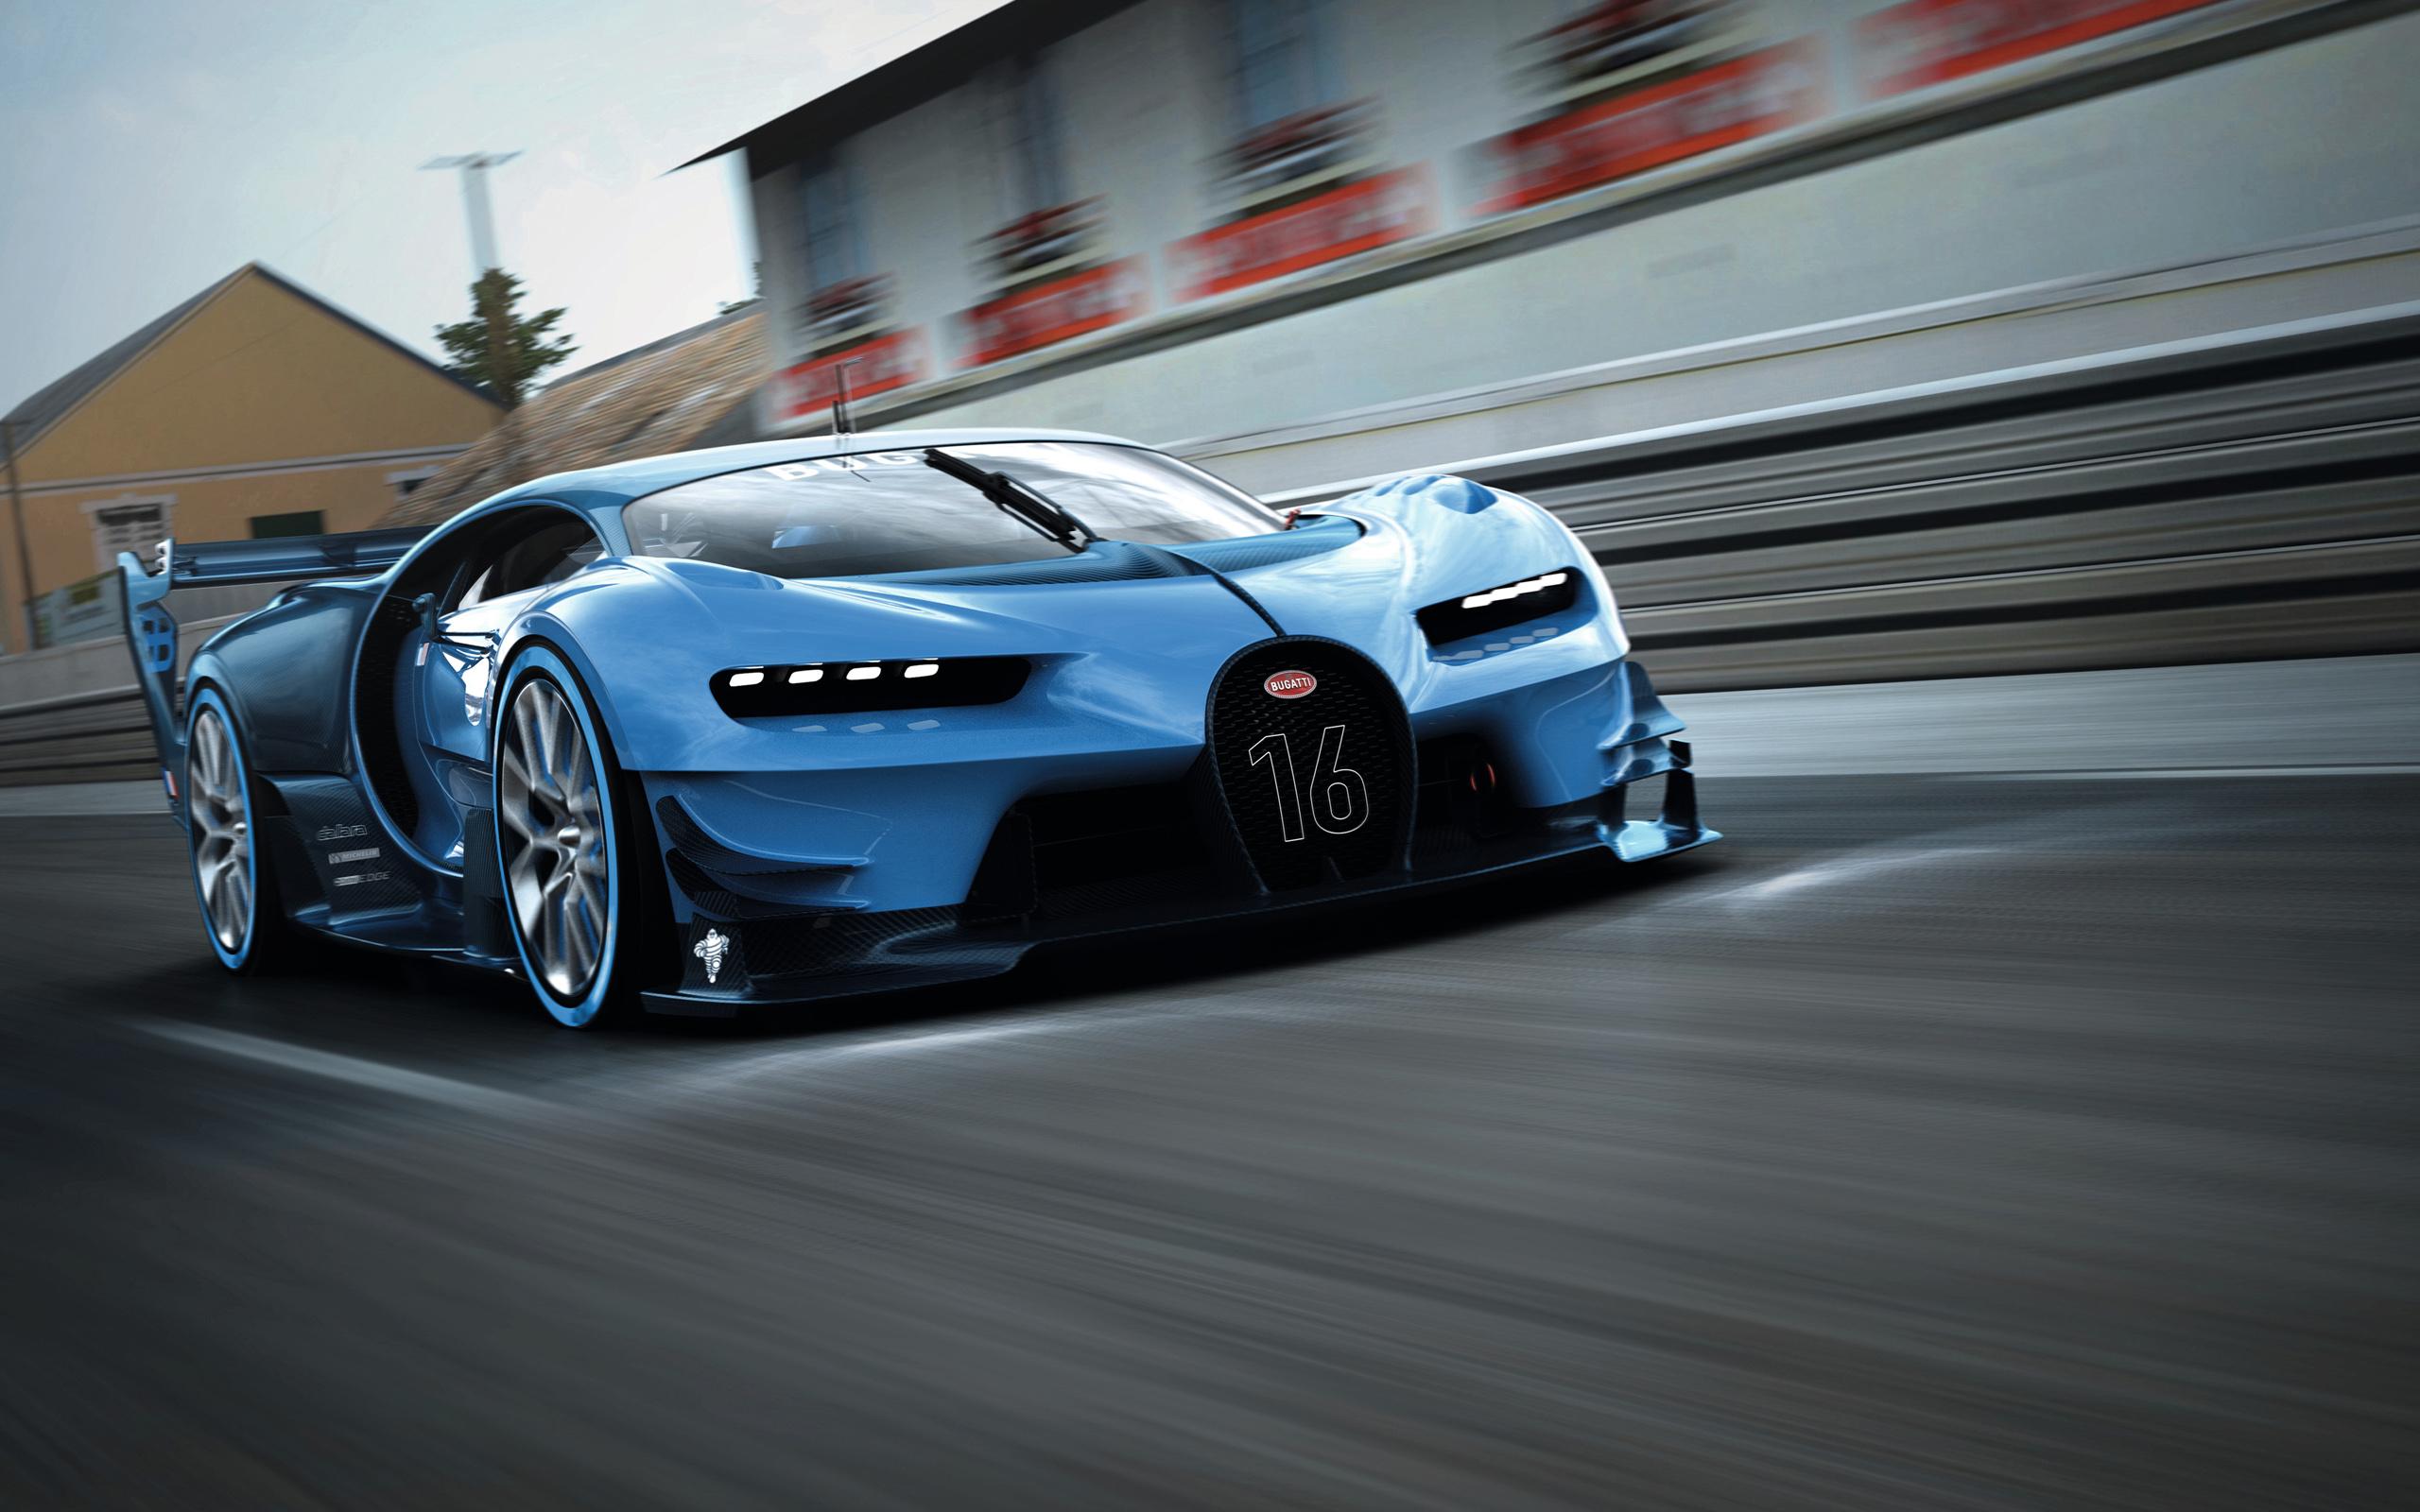 Bugatti Vision Gran Turismo 2015 Wallpaper HD Car Wallpapers 2560x1600